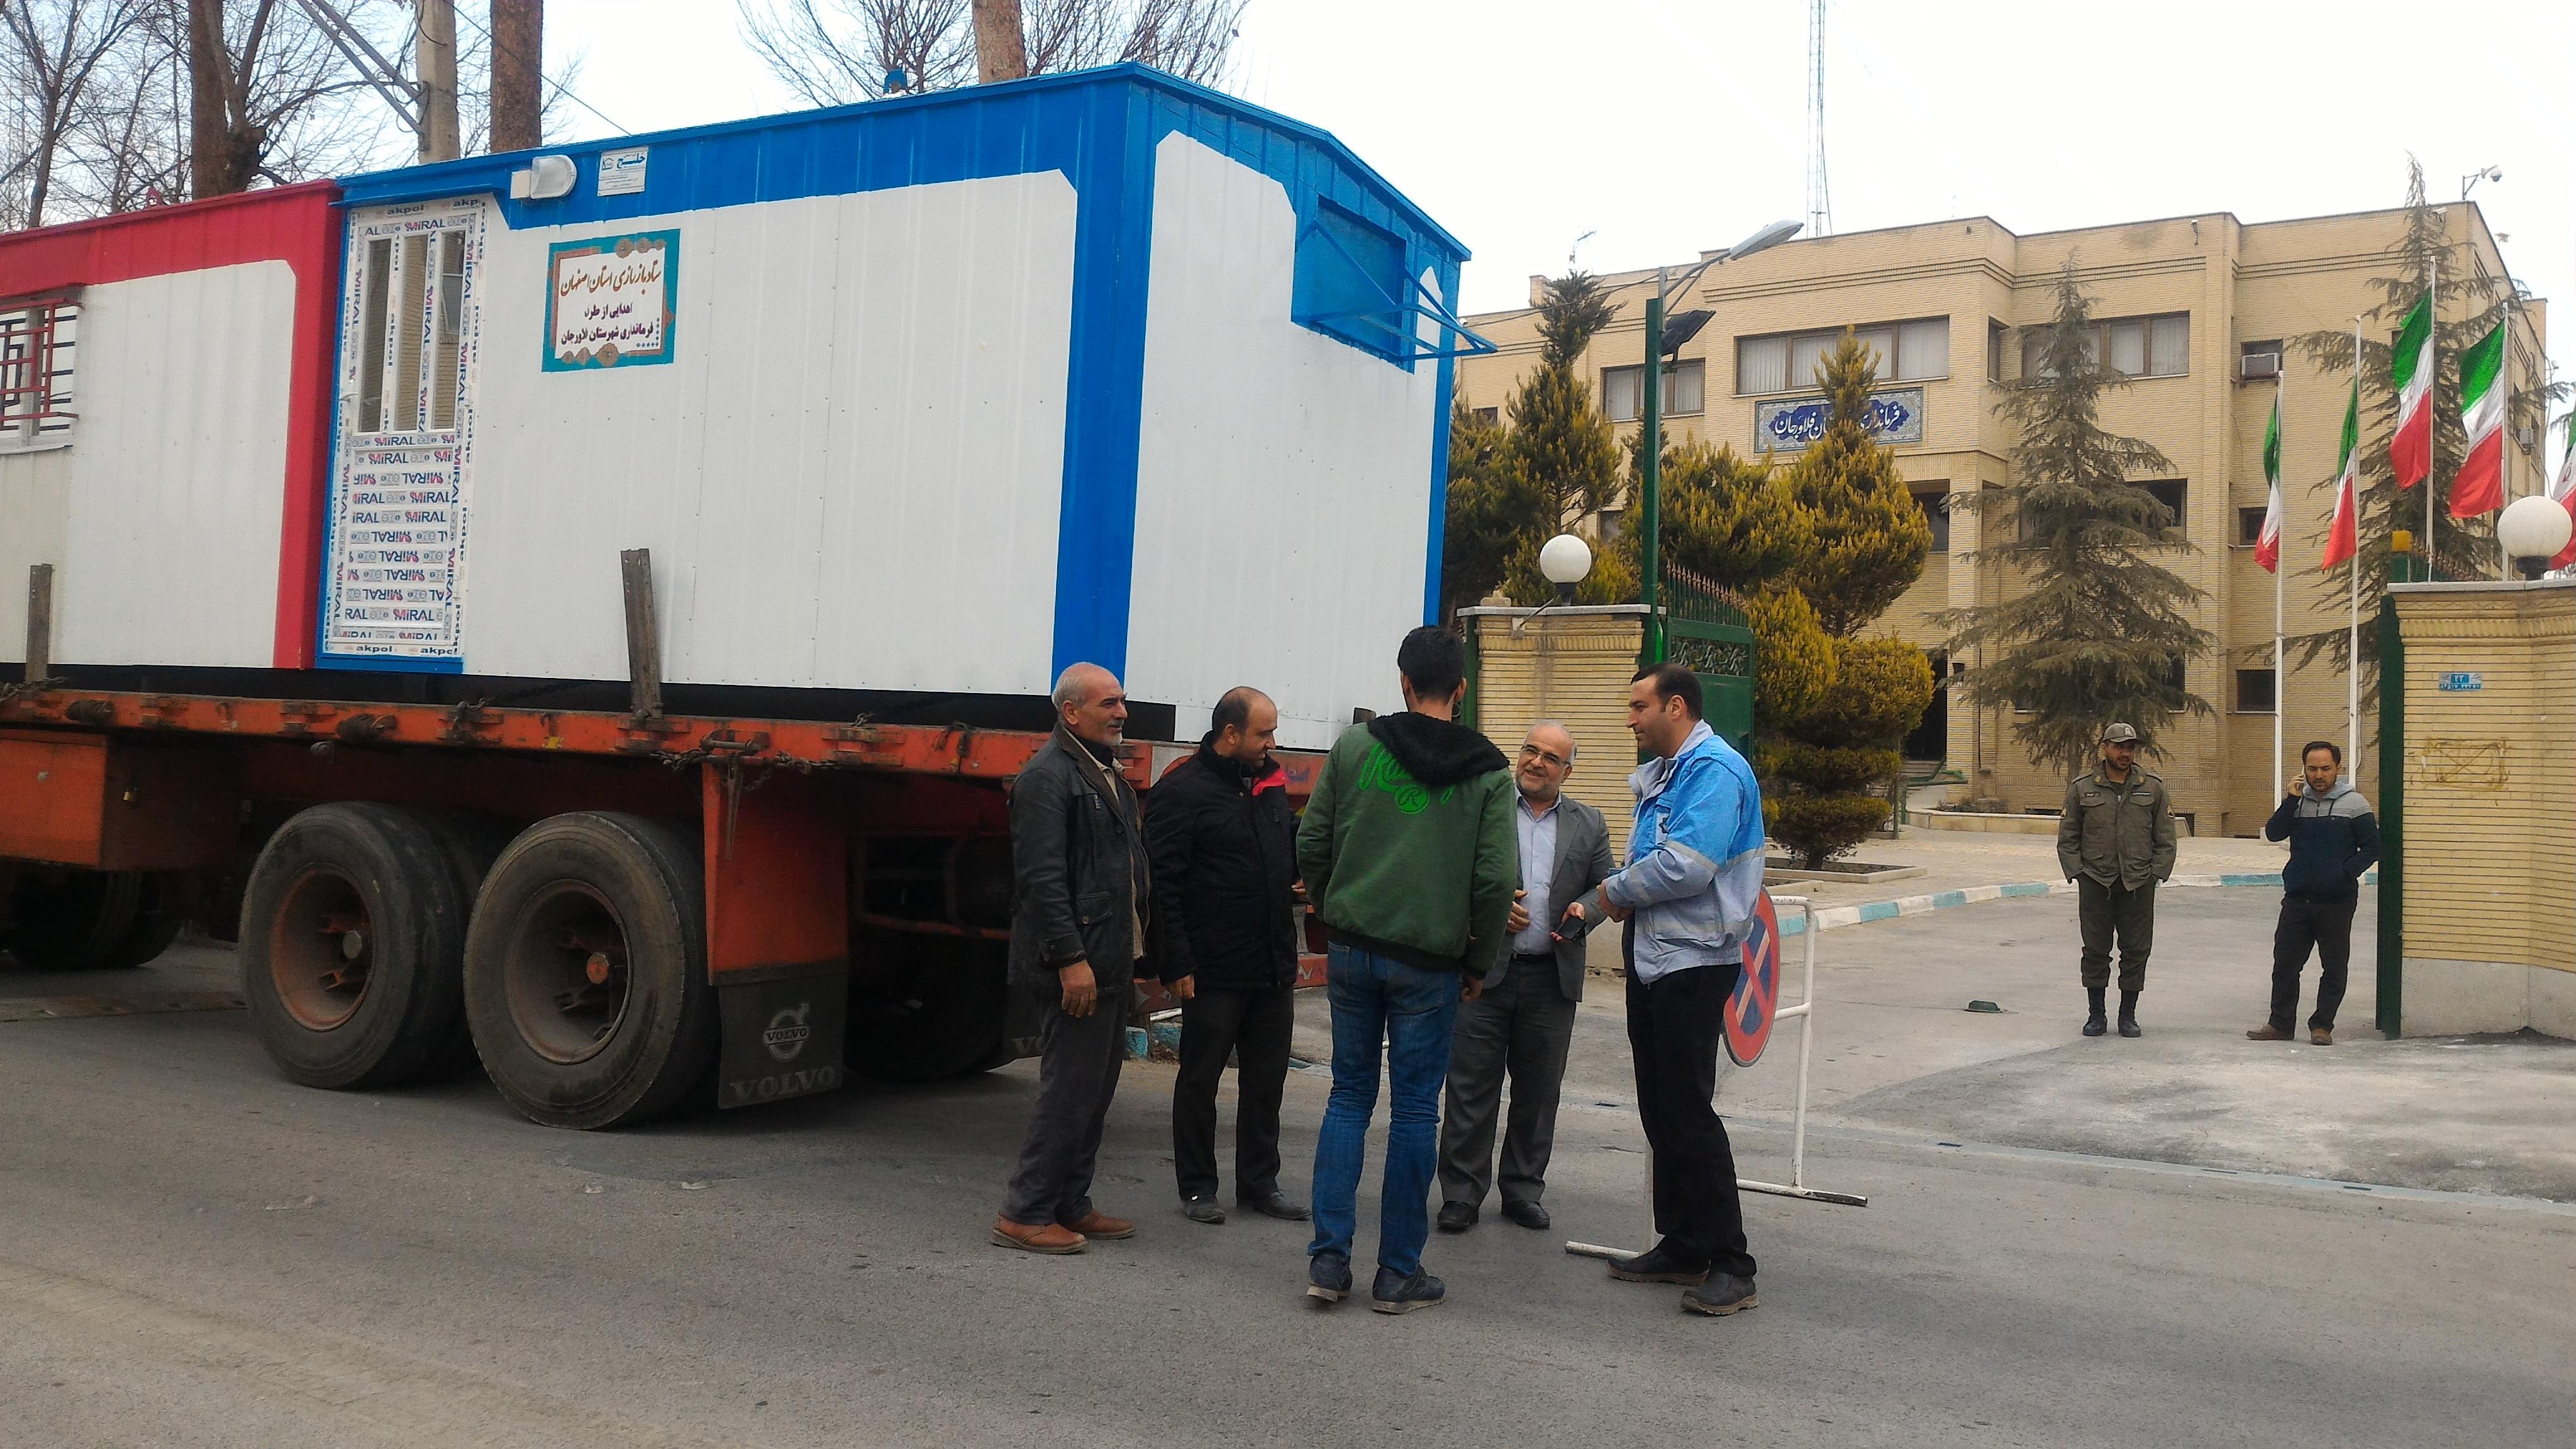 ۵ دستگاه کانکس توسط فرمانداری شهرستان فلاورجان به مناطق زلزله زده کرمانشاه ارسال شد